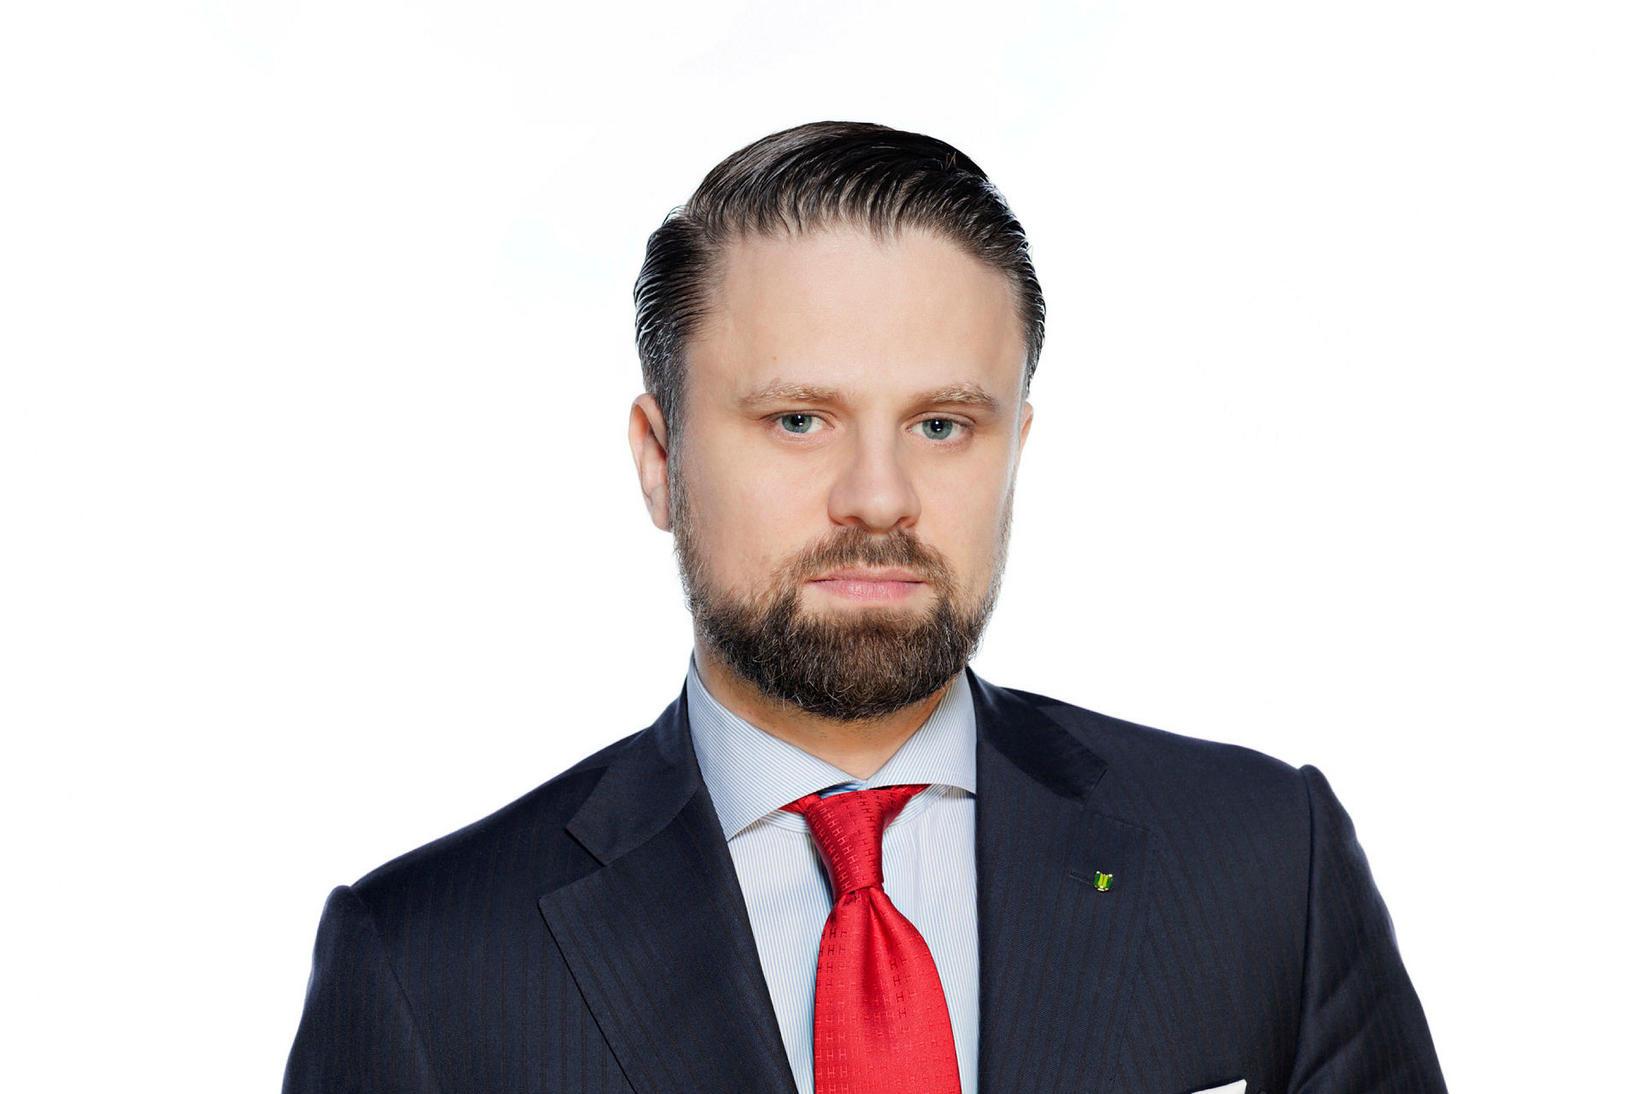 Sævar Þór Jónsson lögmaður/MBA rekur lögmannsstofuna Sævar Þór & Partners.